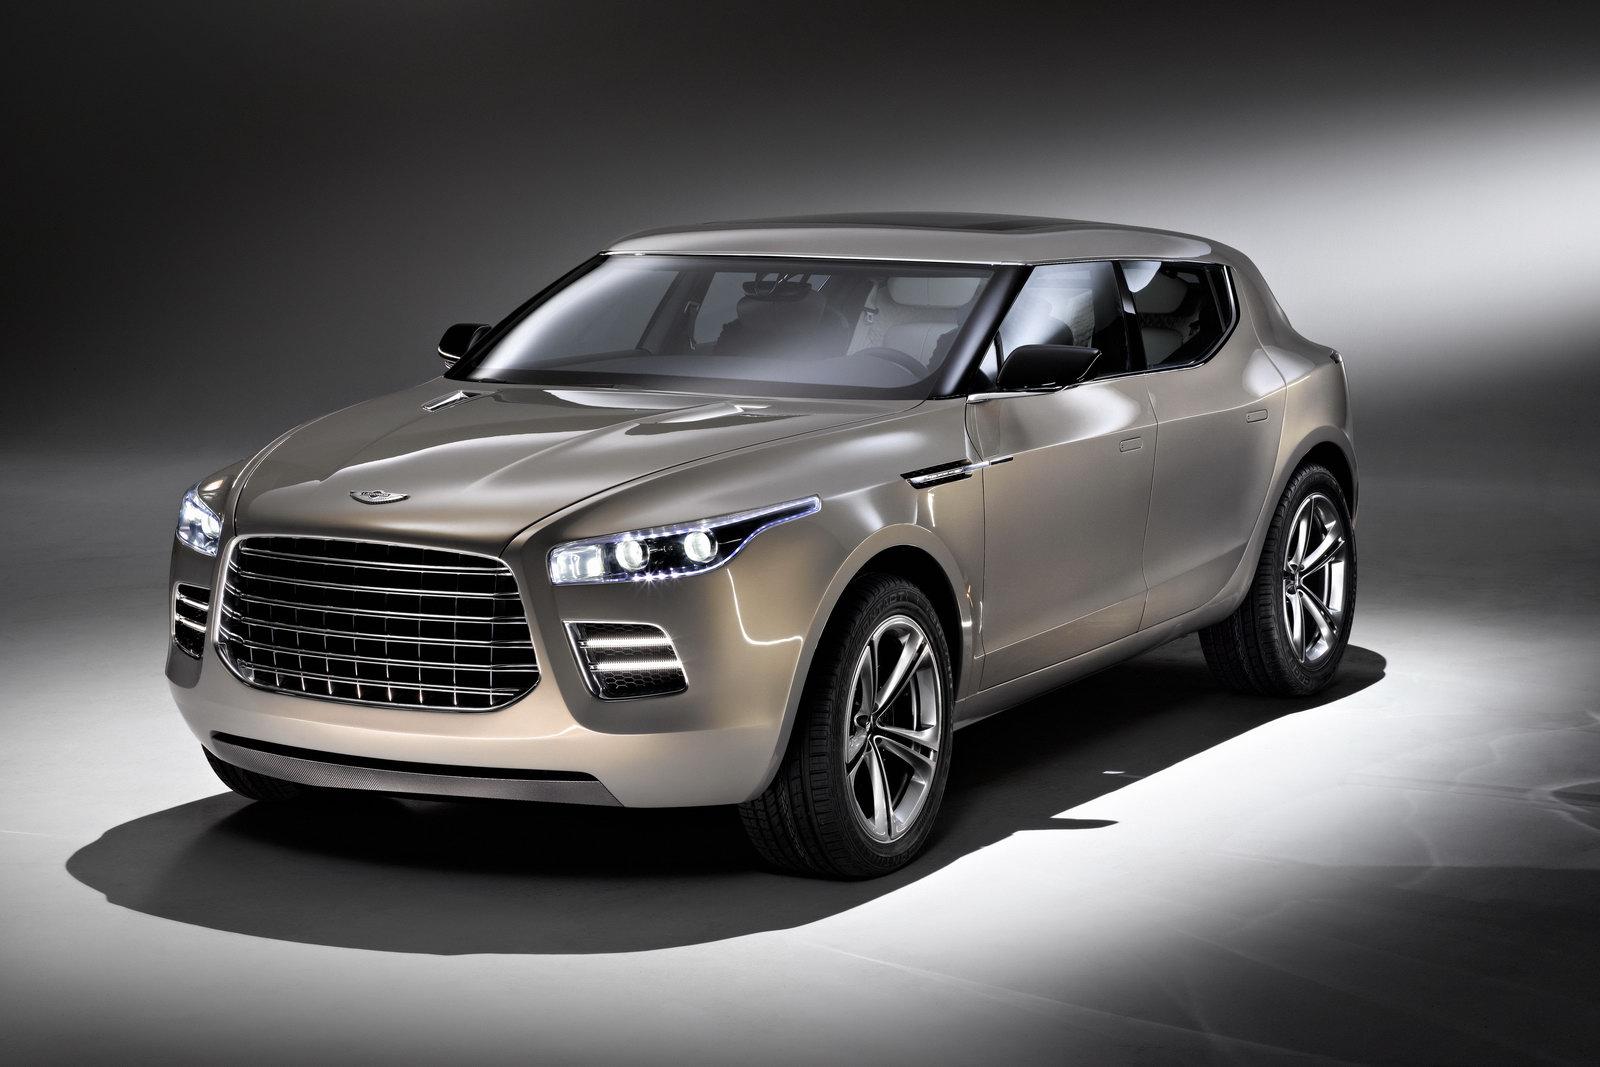 Aston Martin Lagonda Crossover Concept New Official Photos